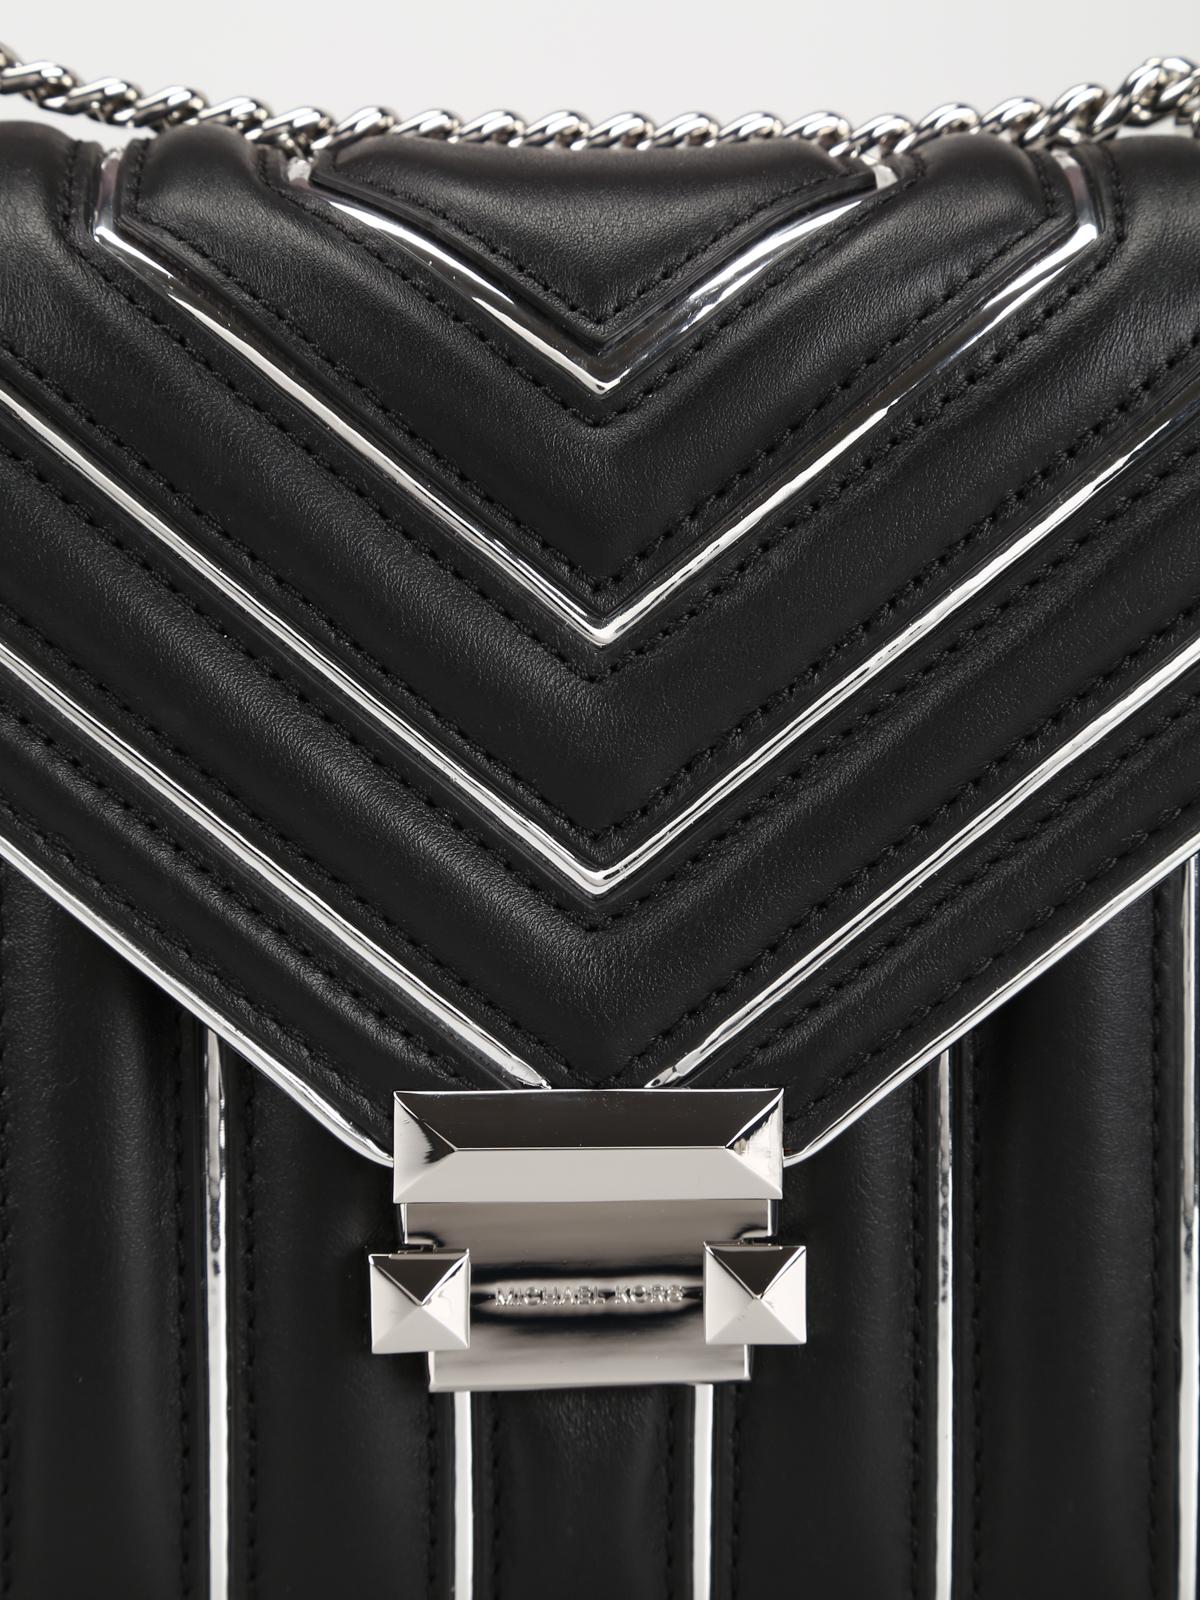 Michael Kors Borsa Whitney grande in pelle e metallo